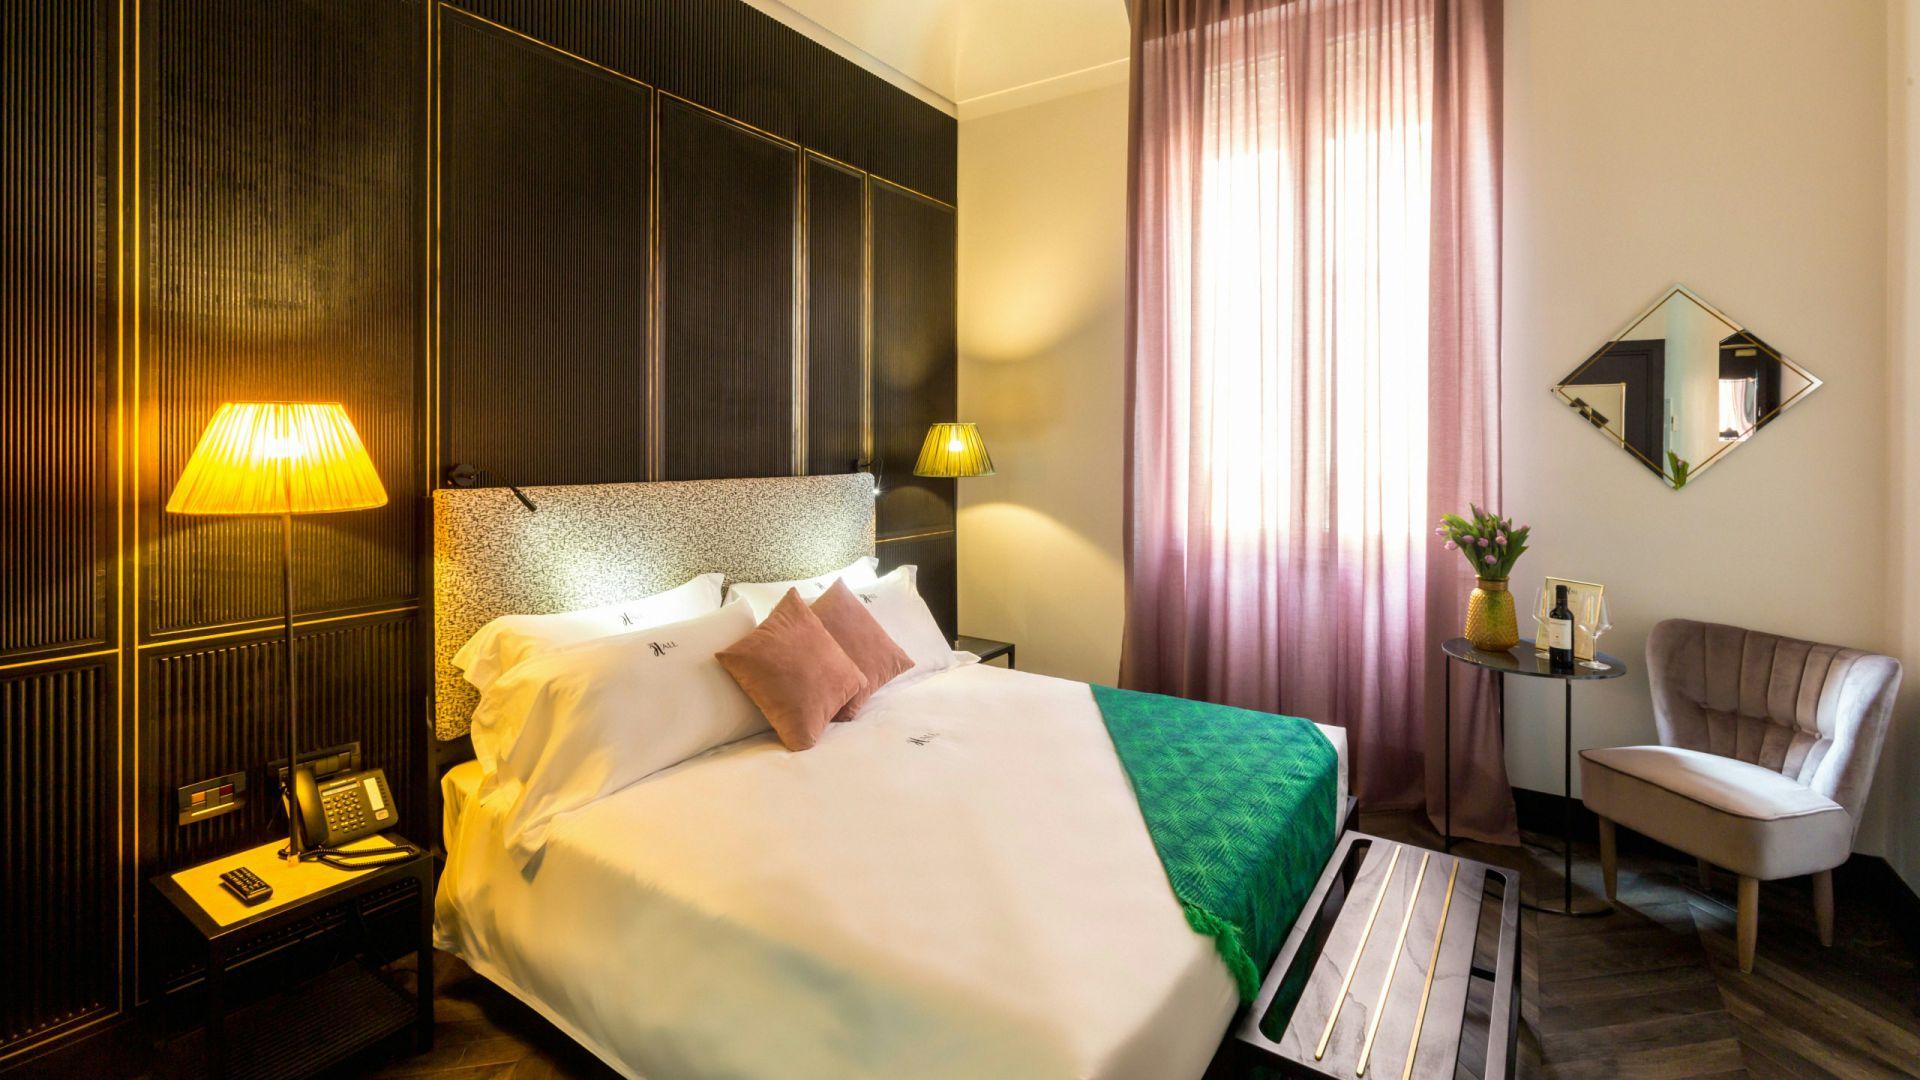 theallhotel-superior-9405